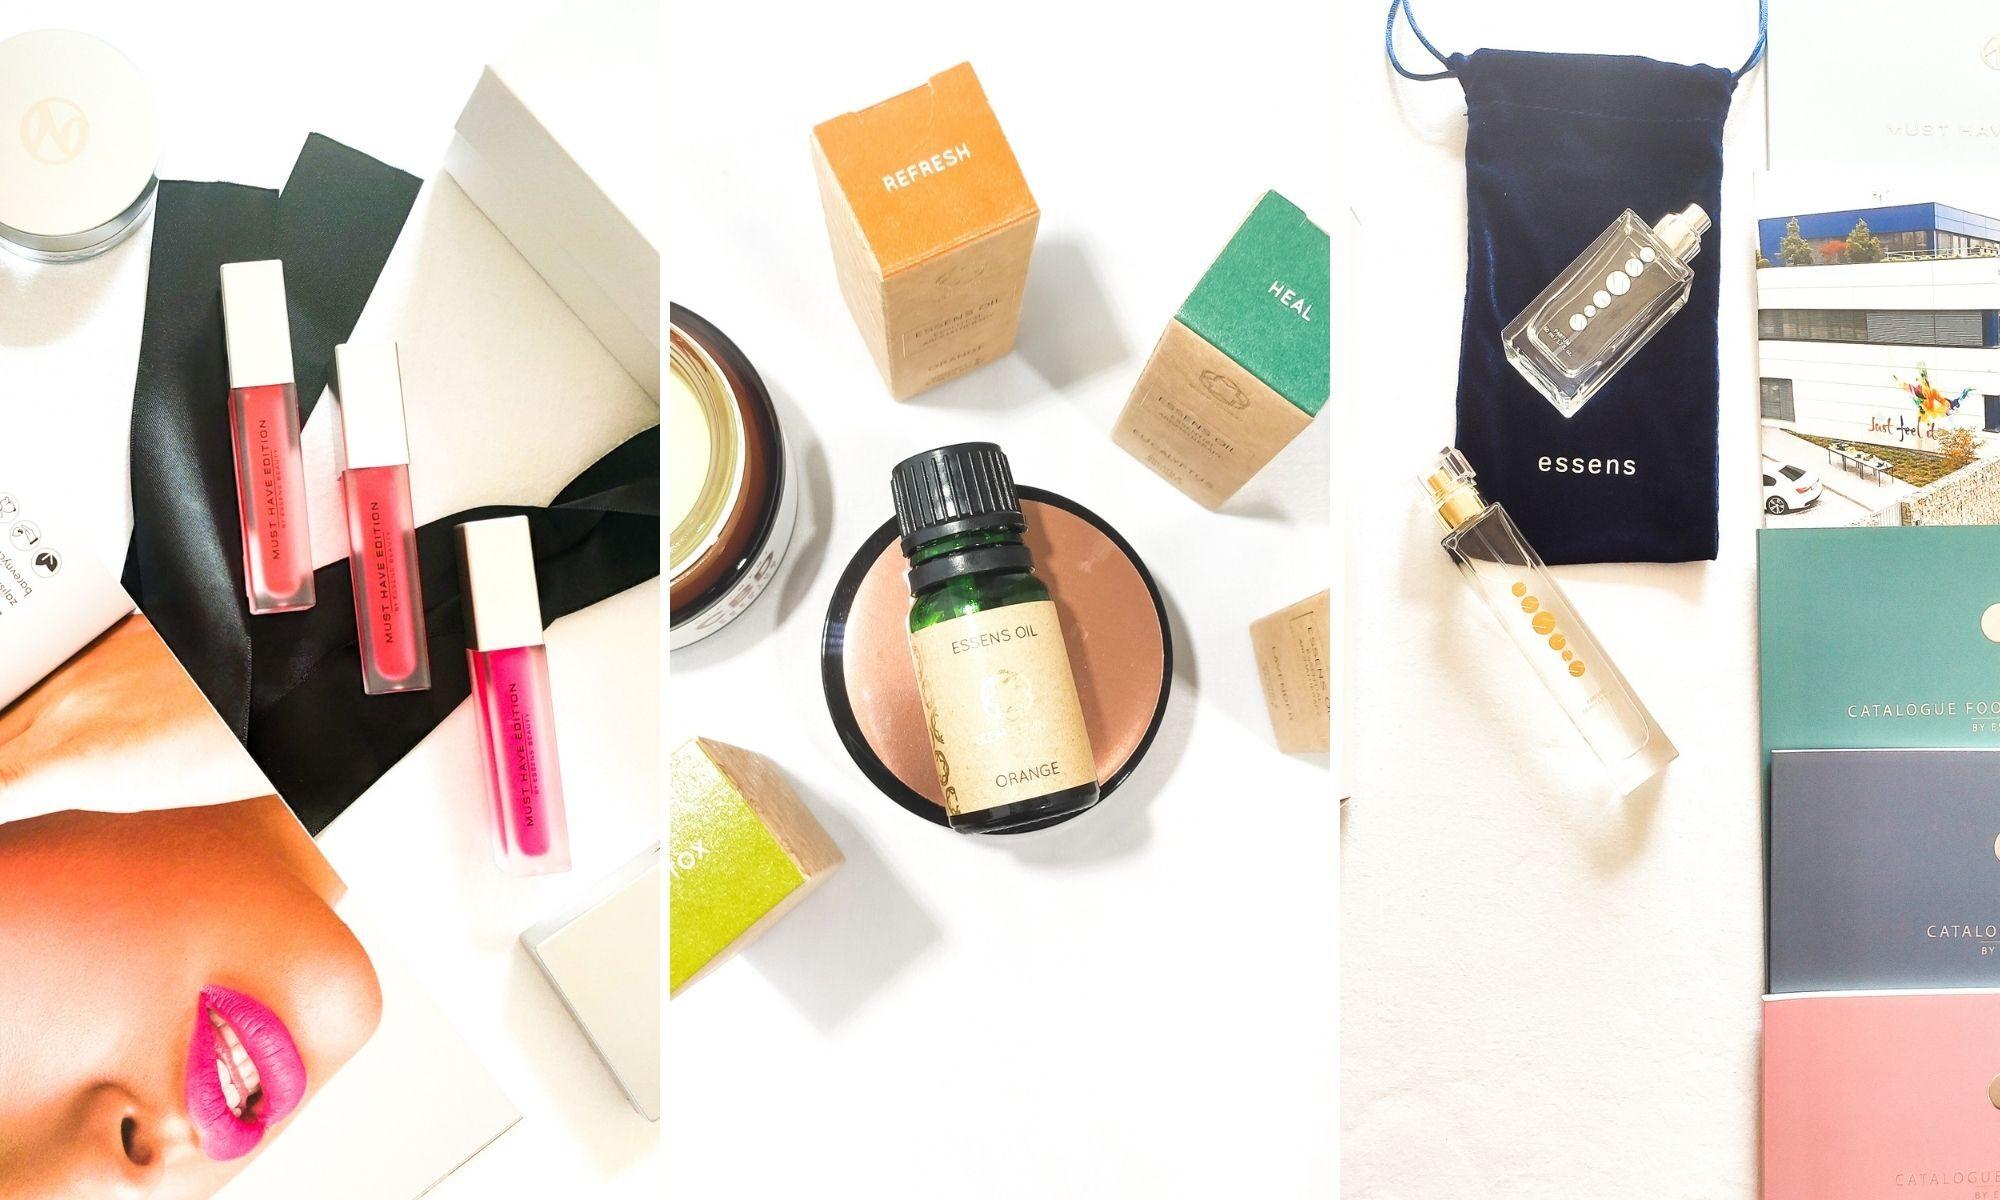 Essens - parfémy, krása, zdraví